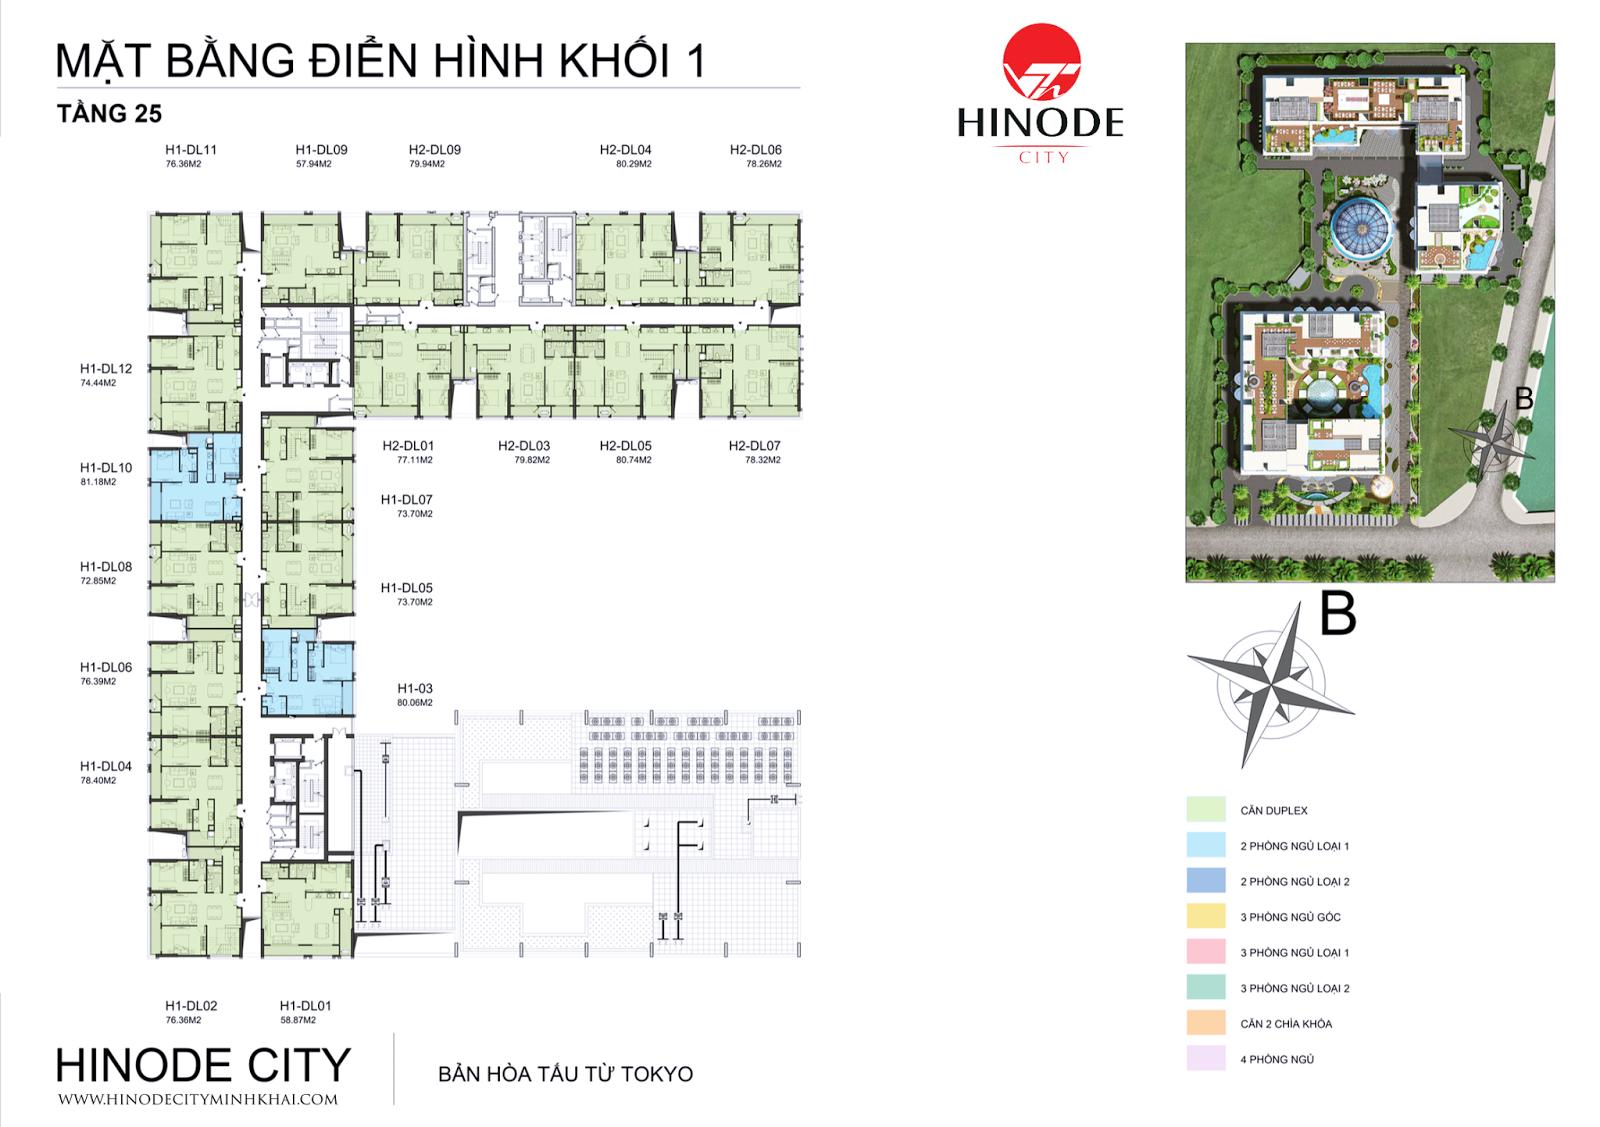 Mặt bằng điển hình tầng 27 chung cư Hinode City